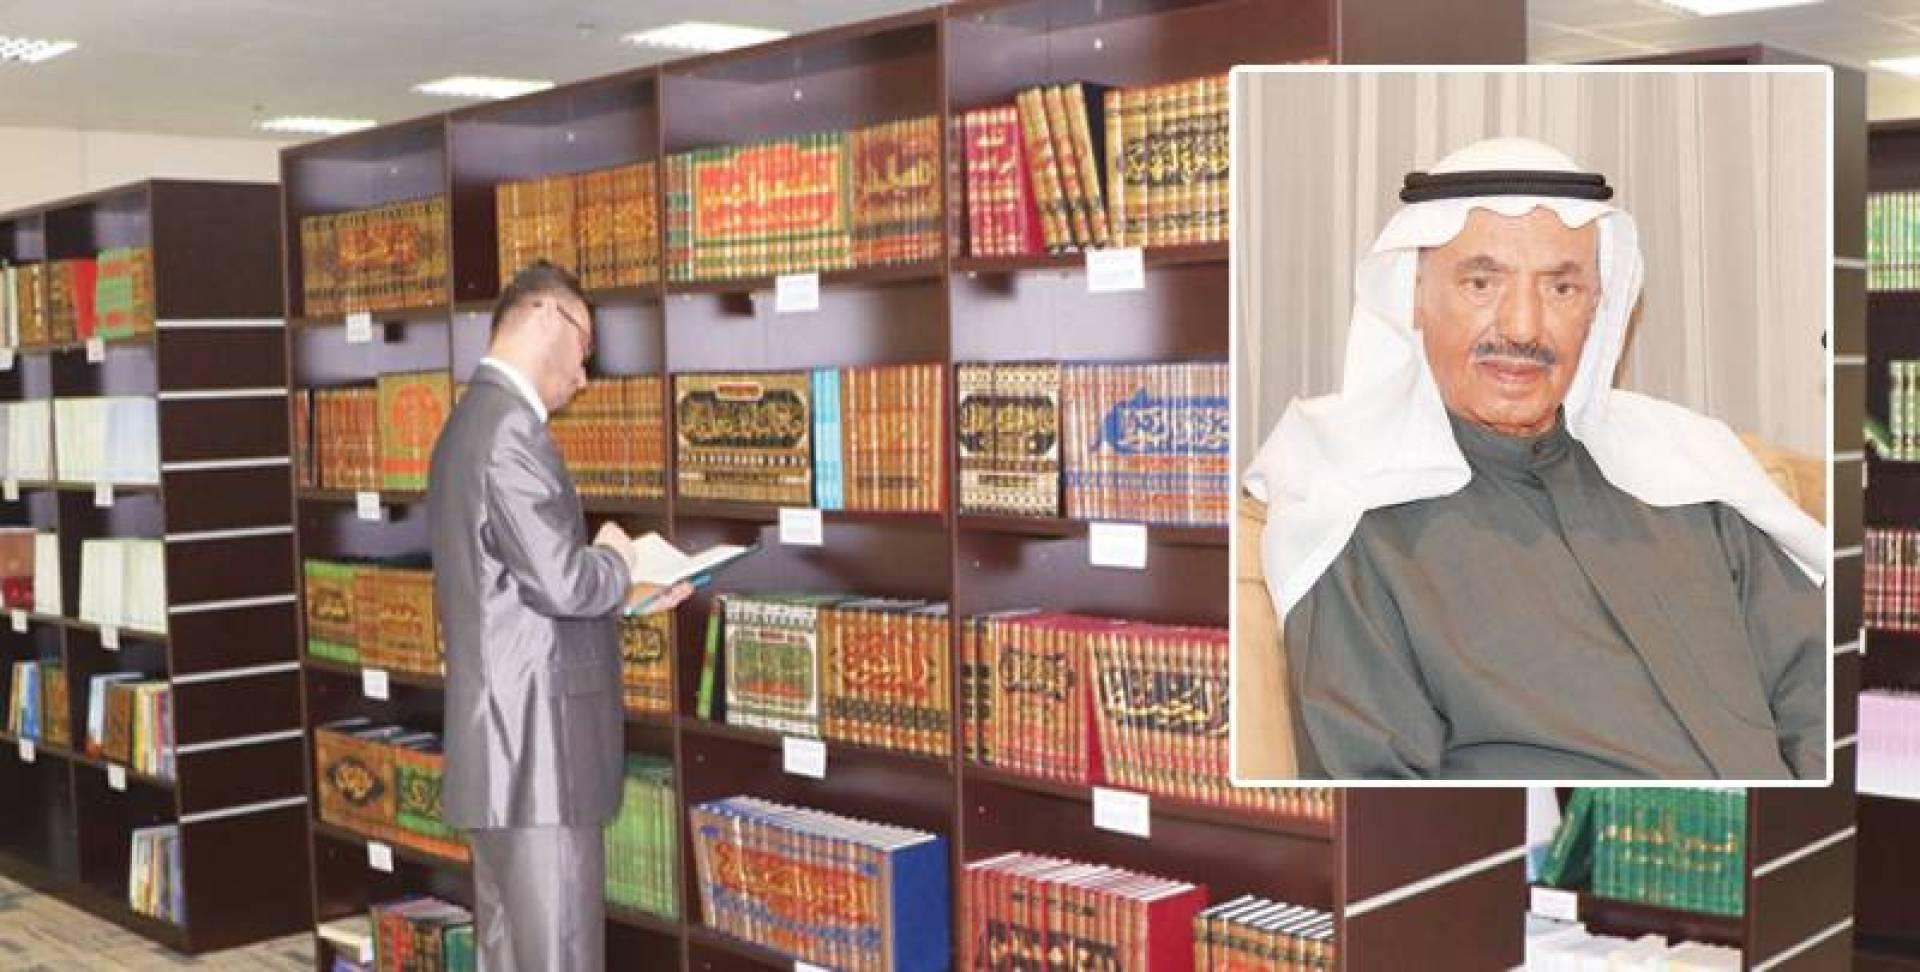 محمد الشارخ في «الملتقى الثقافي» - اللغة العربية في حاجة إلى تطوير محتواها ومعاجمها